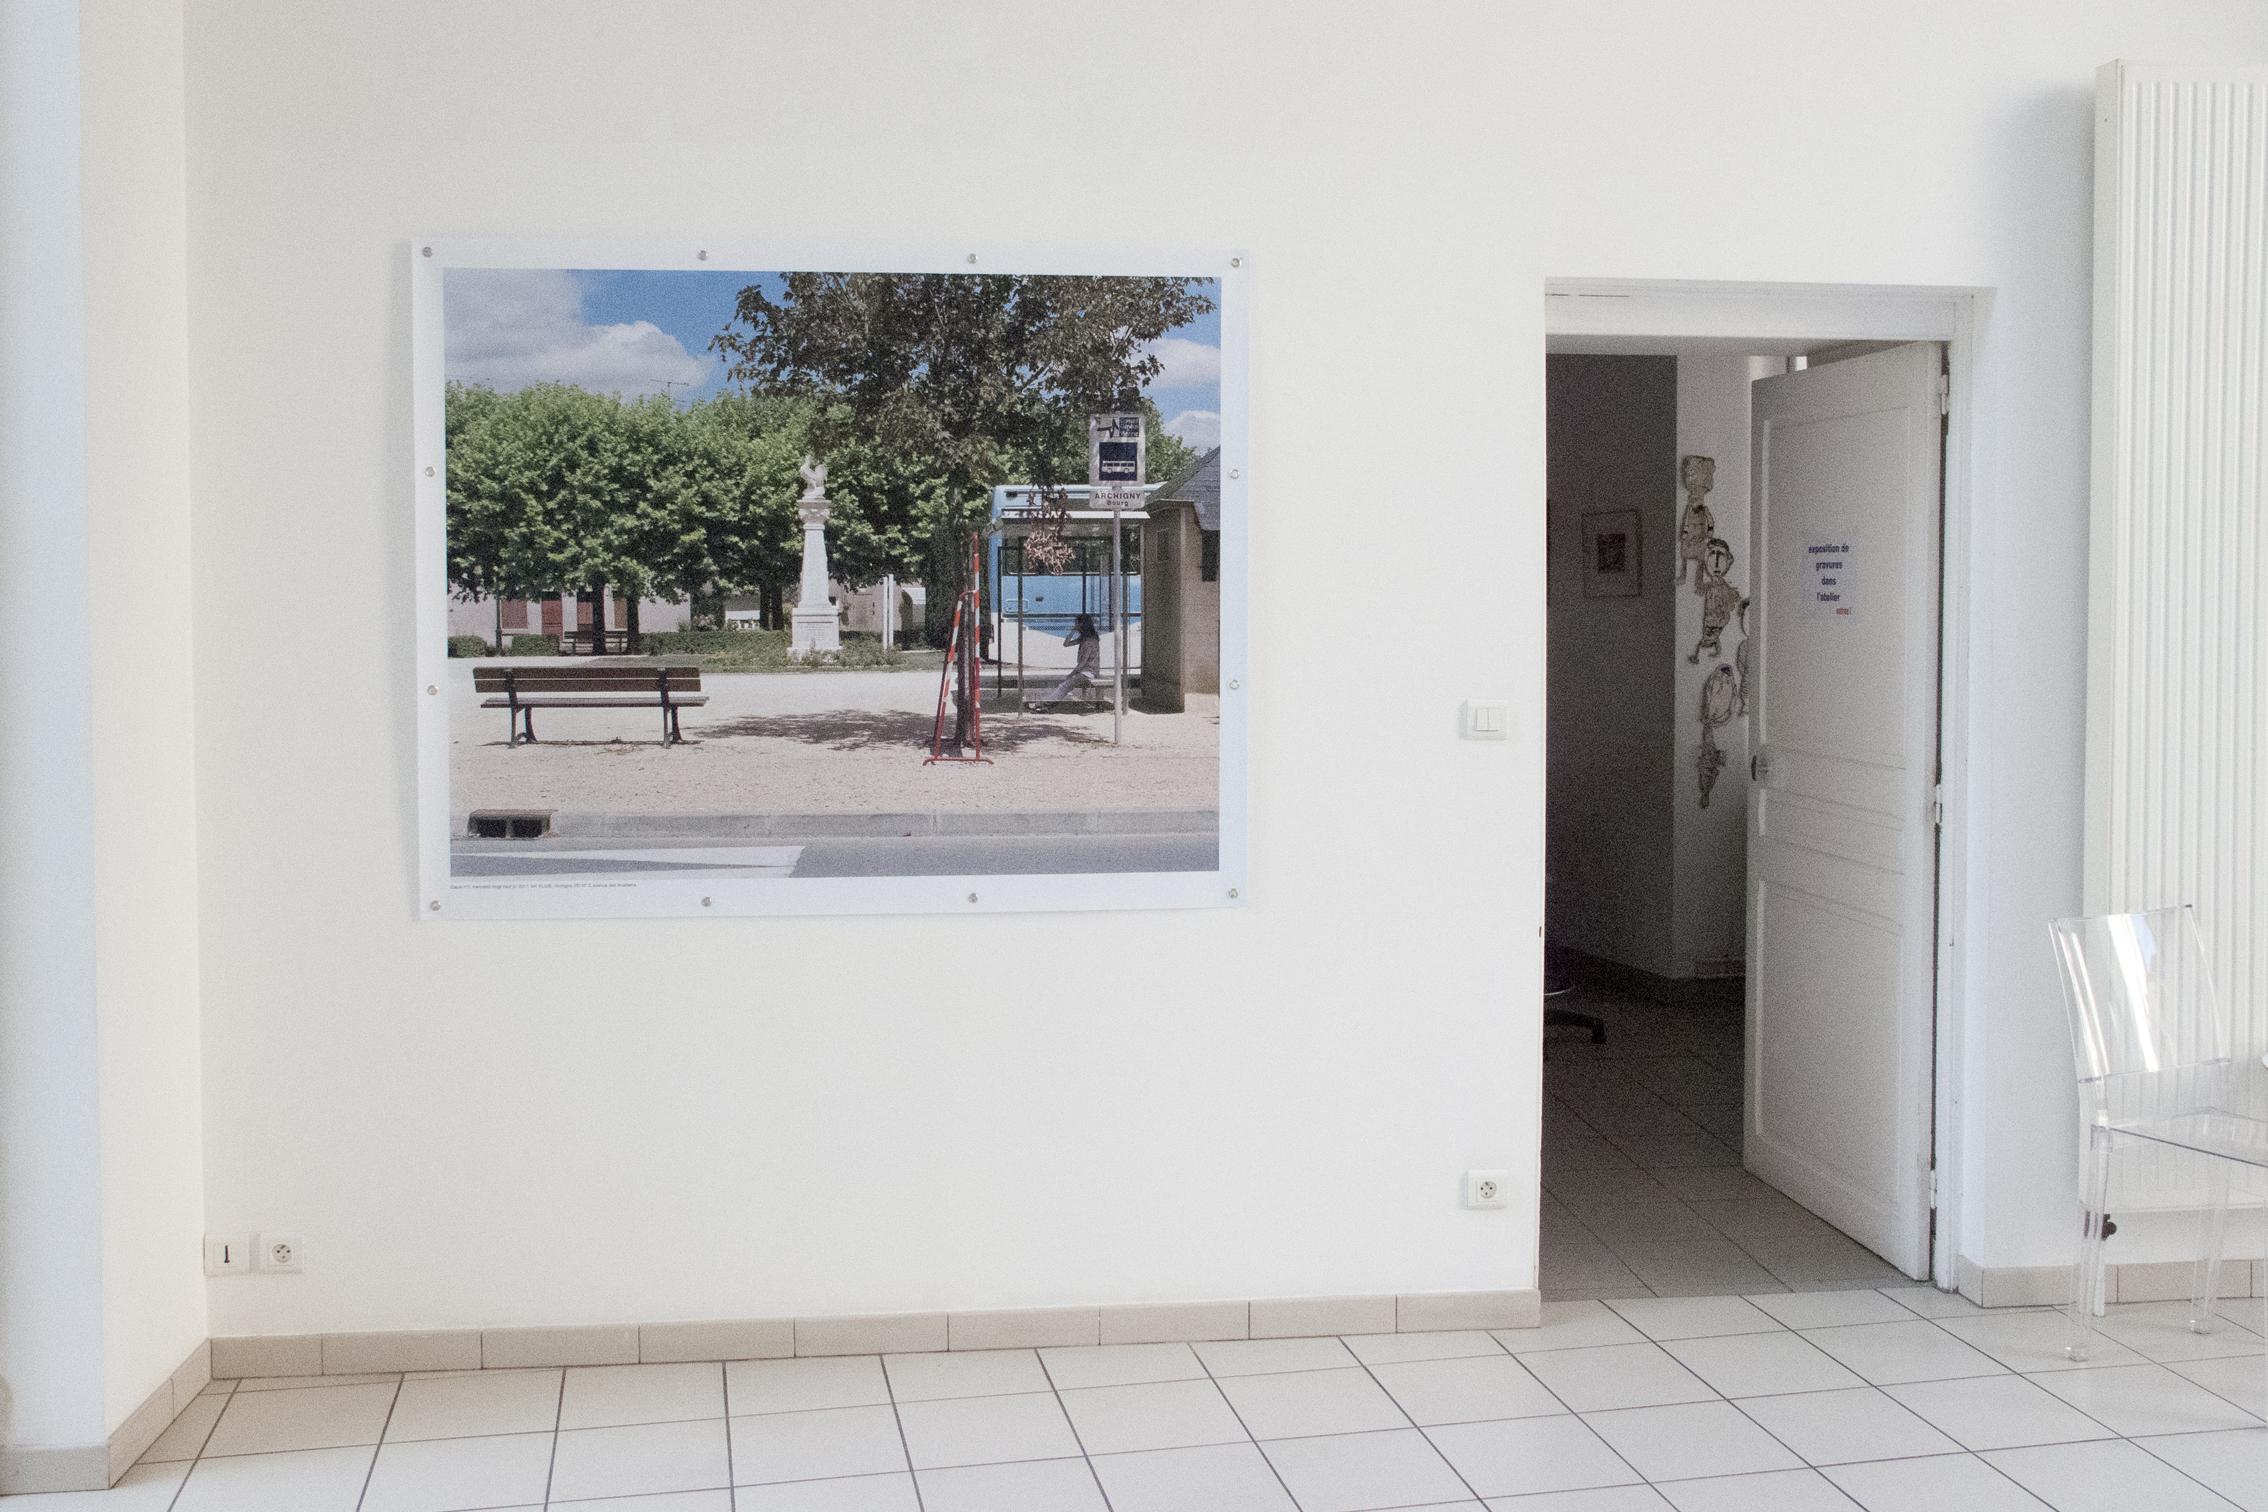 """exposition """"la ligne acadienne, traces d'un photographe marcheur"""" au Centre d'Art Contemporain de Châtellerault dans la Vienne, marcher/créer, déambuler, parcourir, photographier, paysage urbain, paysage périurbain, paysage de la campagne, territoire du Poitou-Charente,"""